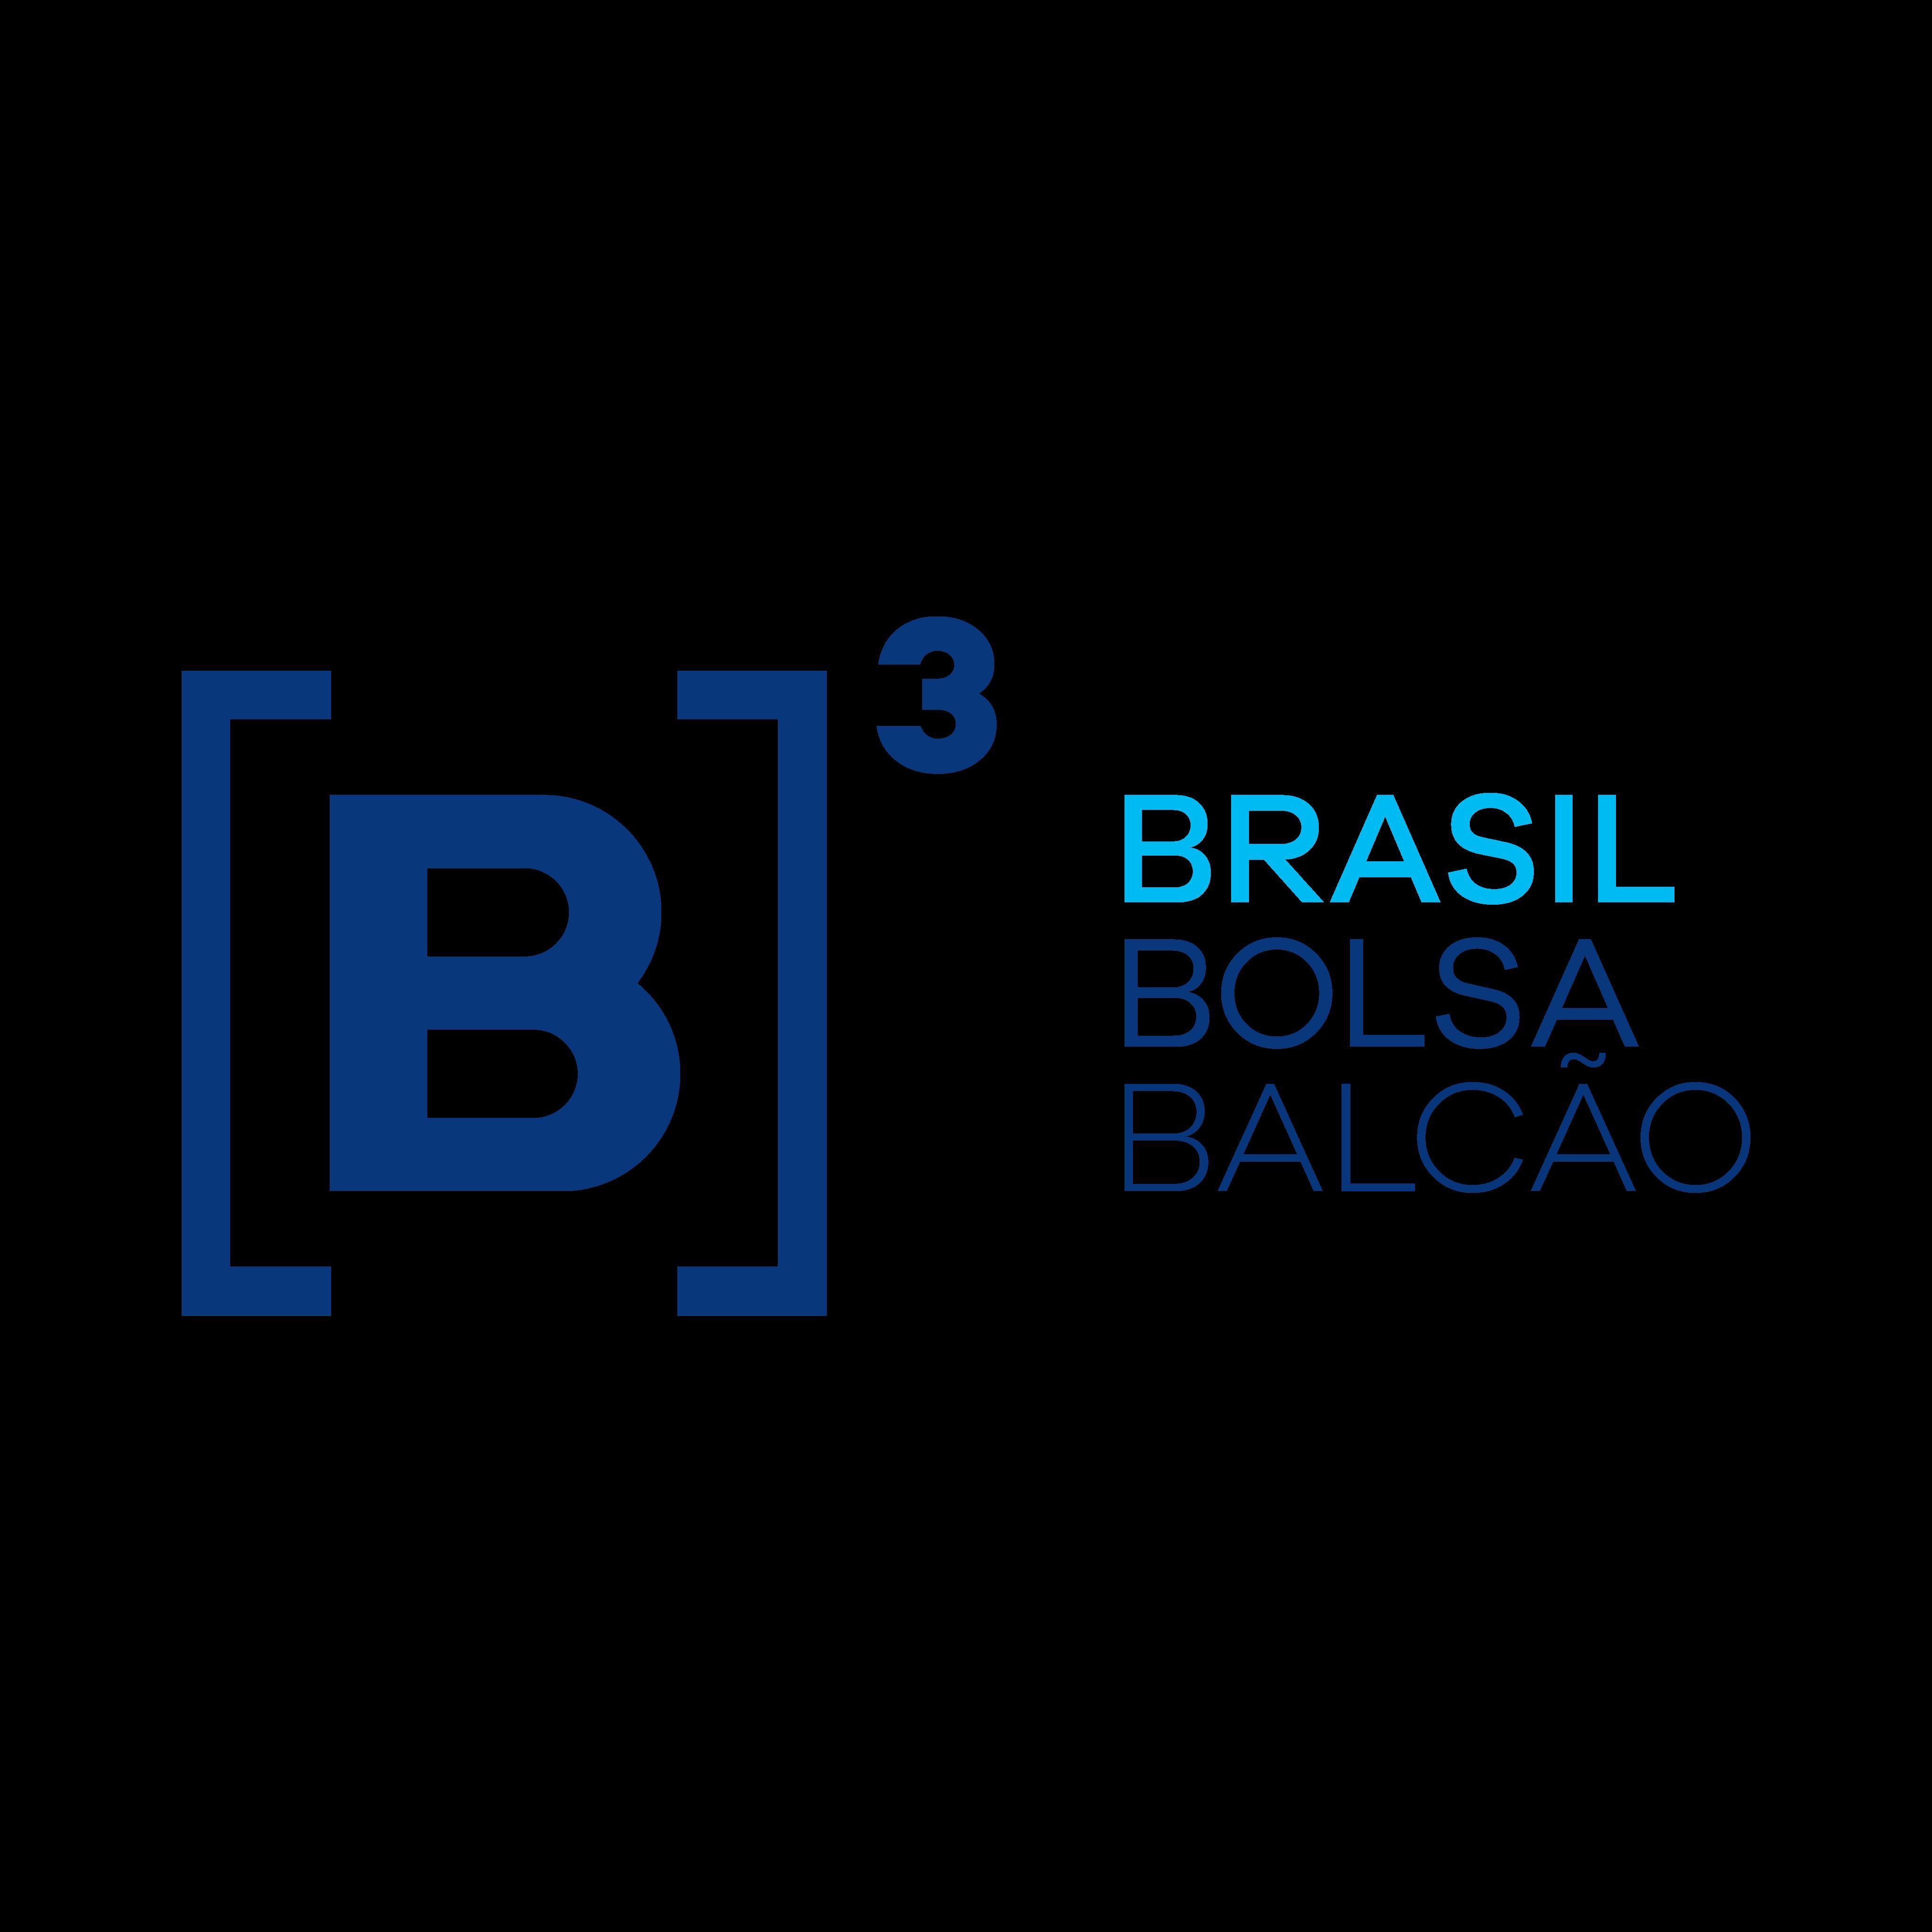 b3 logo PNG.